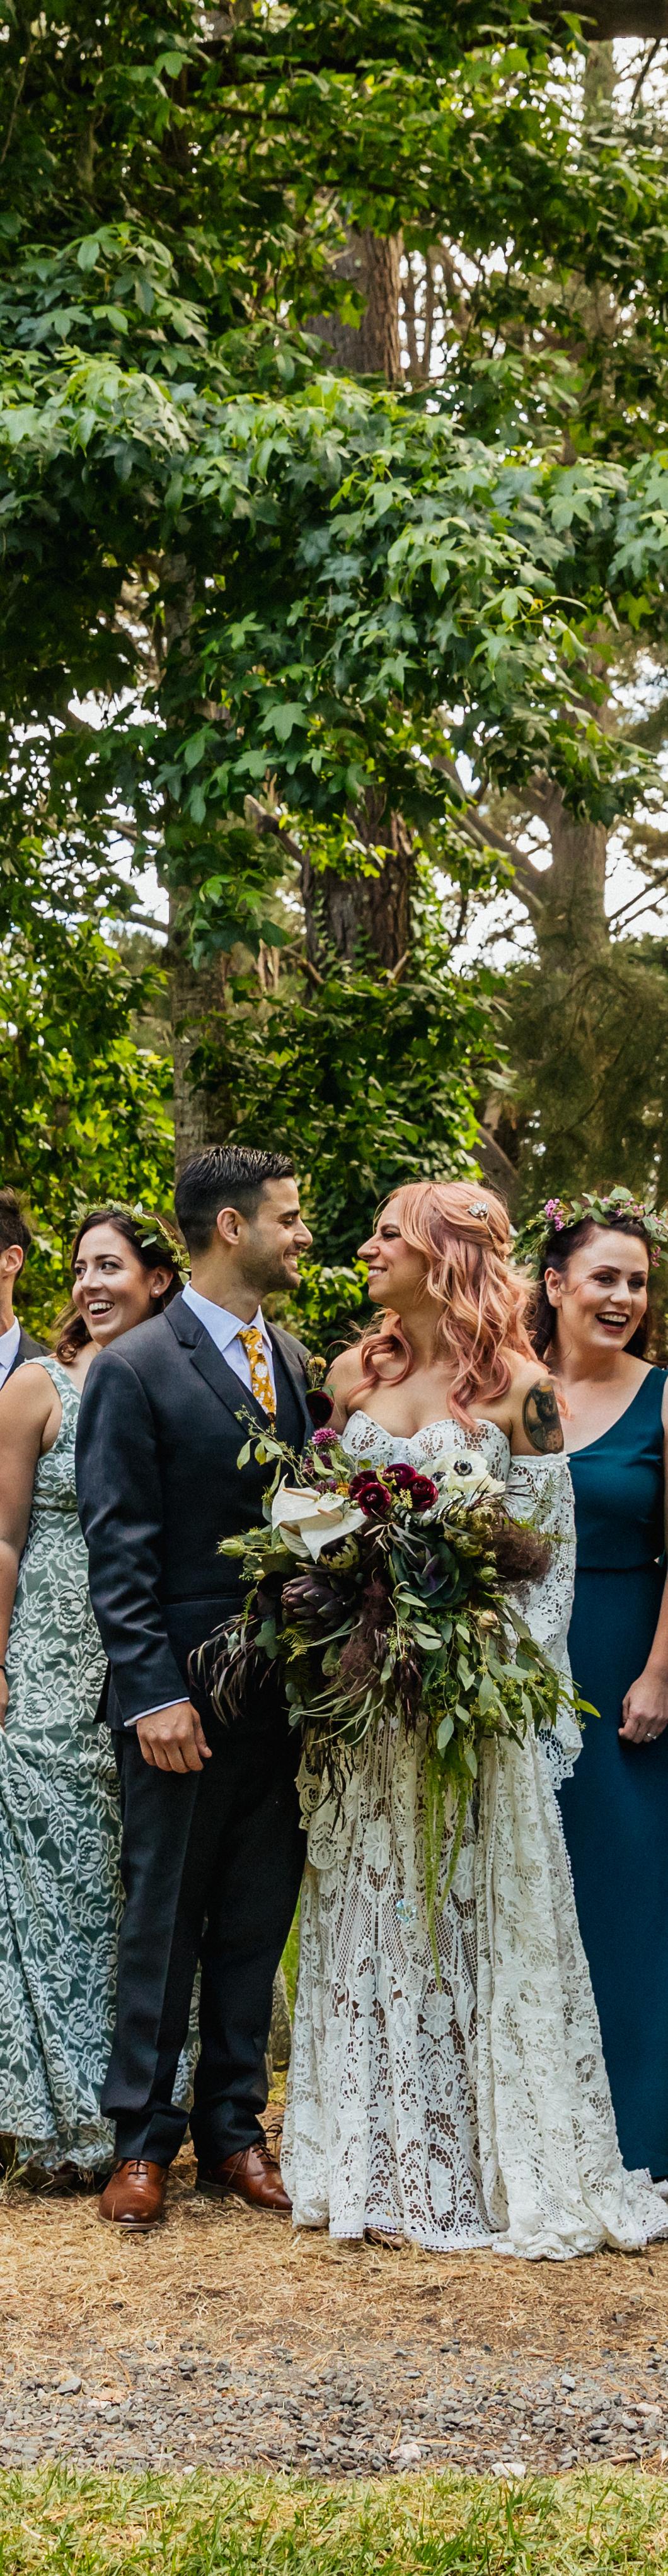 happy couple bridal bouquet wedding florist florals